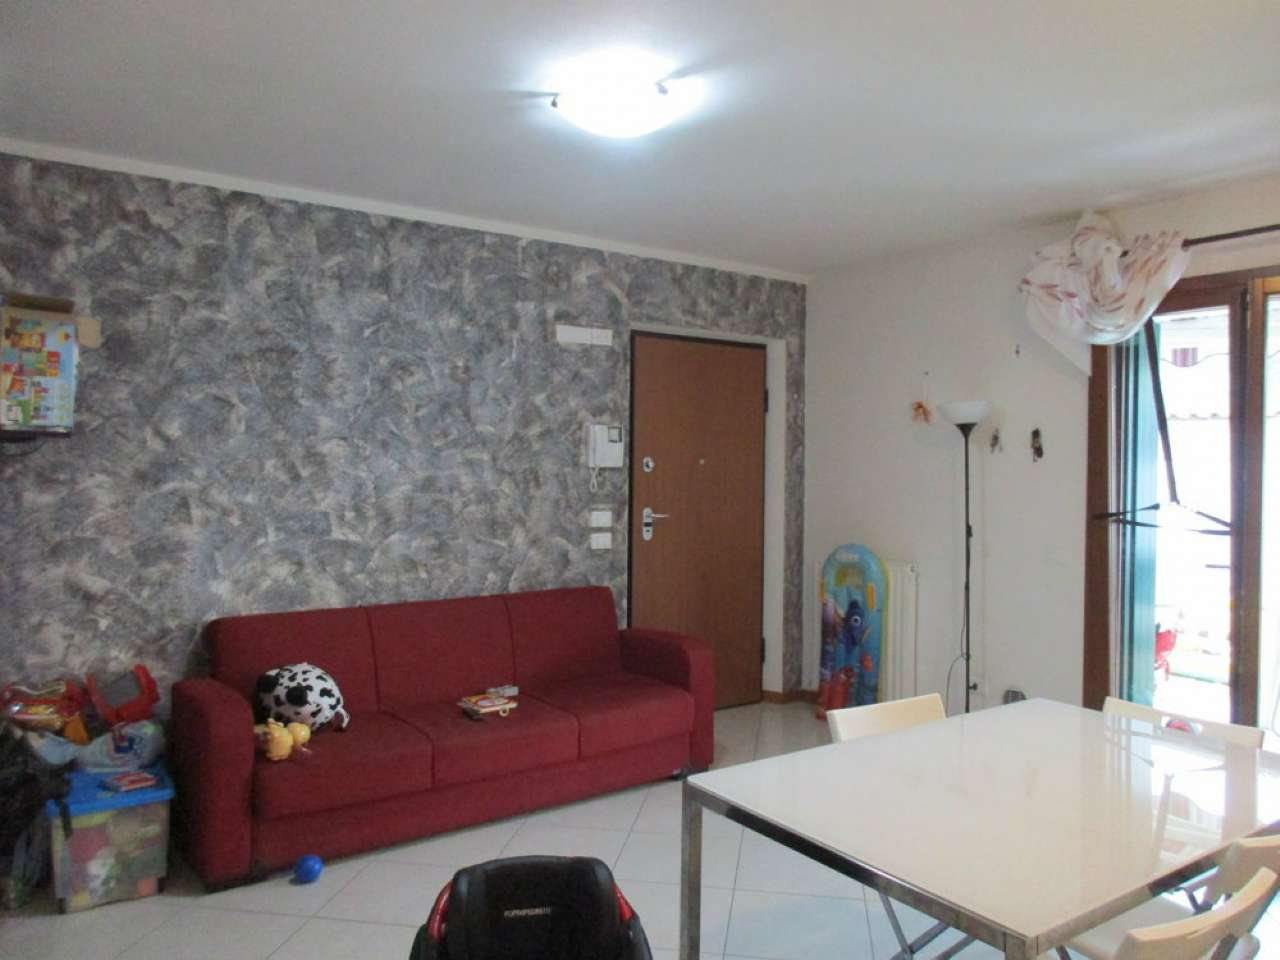 Appartamento bicamere in vendita a premariacco, Premariacco